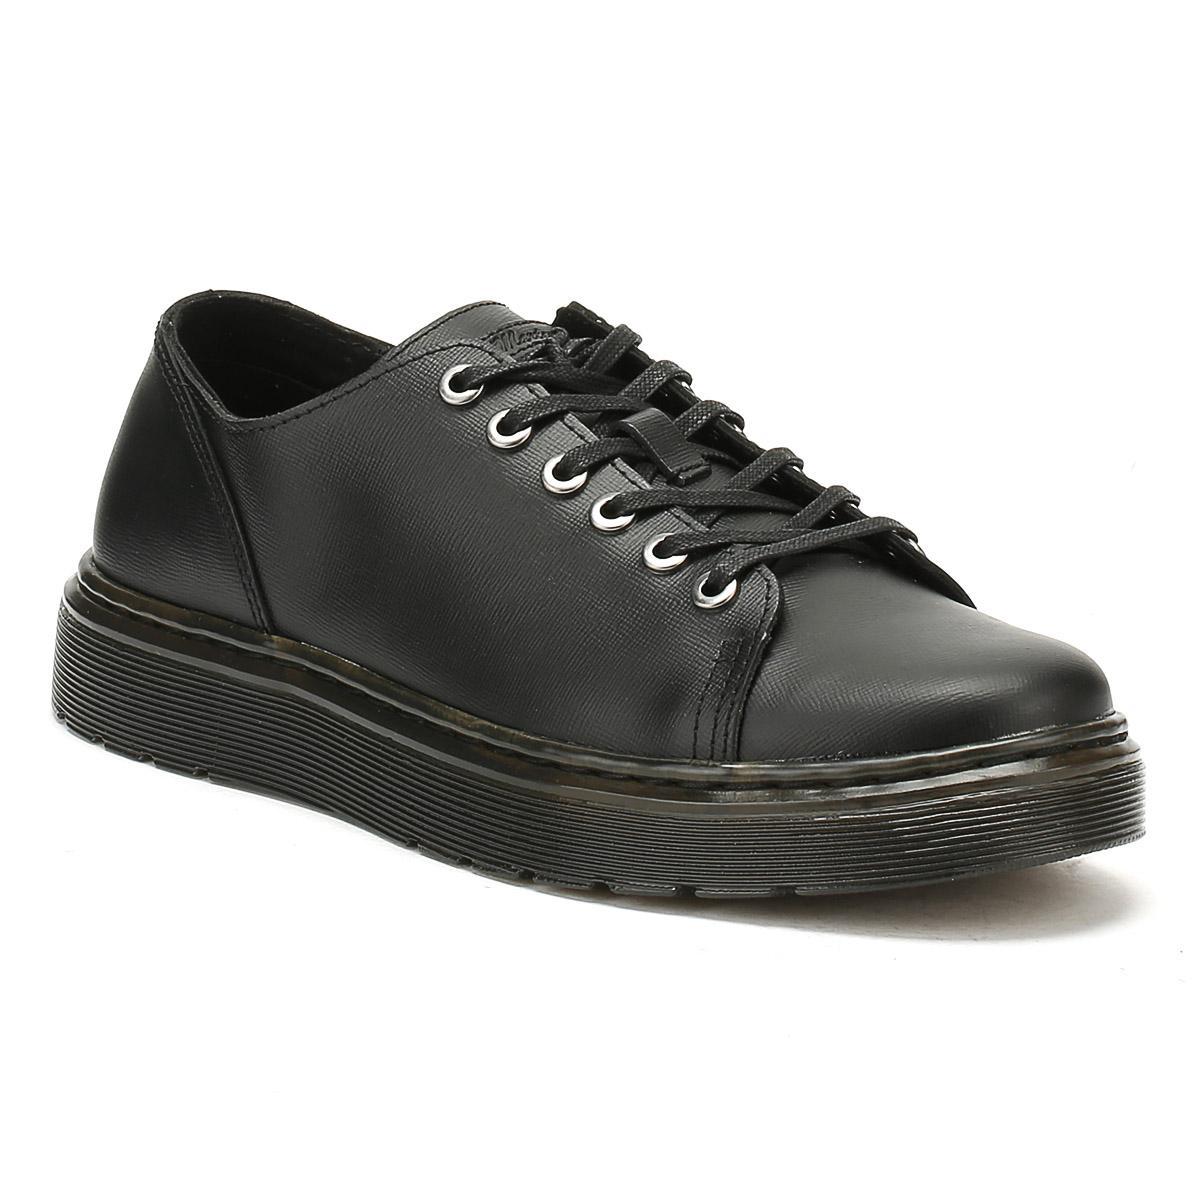 Dr. Martens Dante Pol. Dr. Martens Dante Pol. Schoenen Zwart Chaussures Noires pHHzqZn